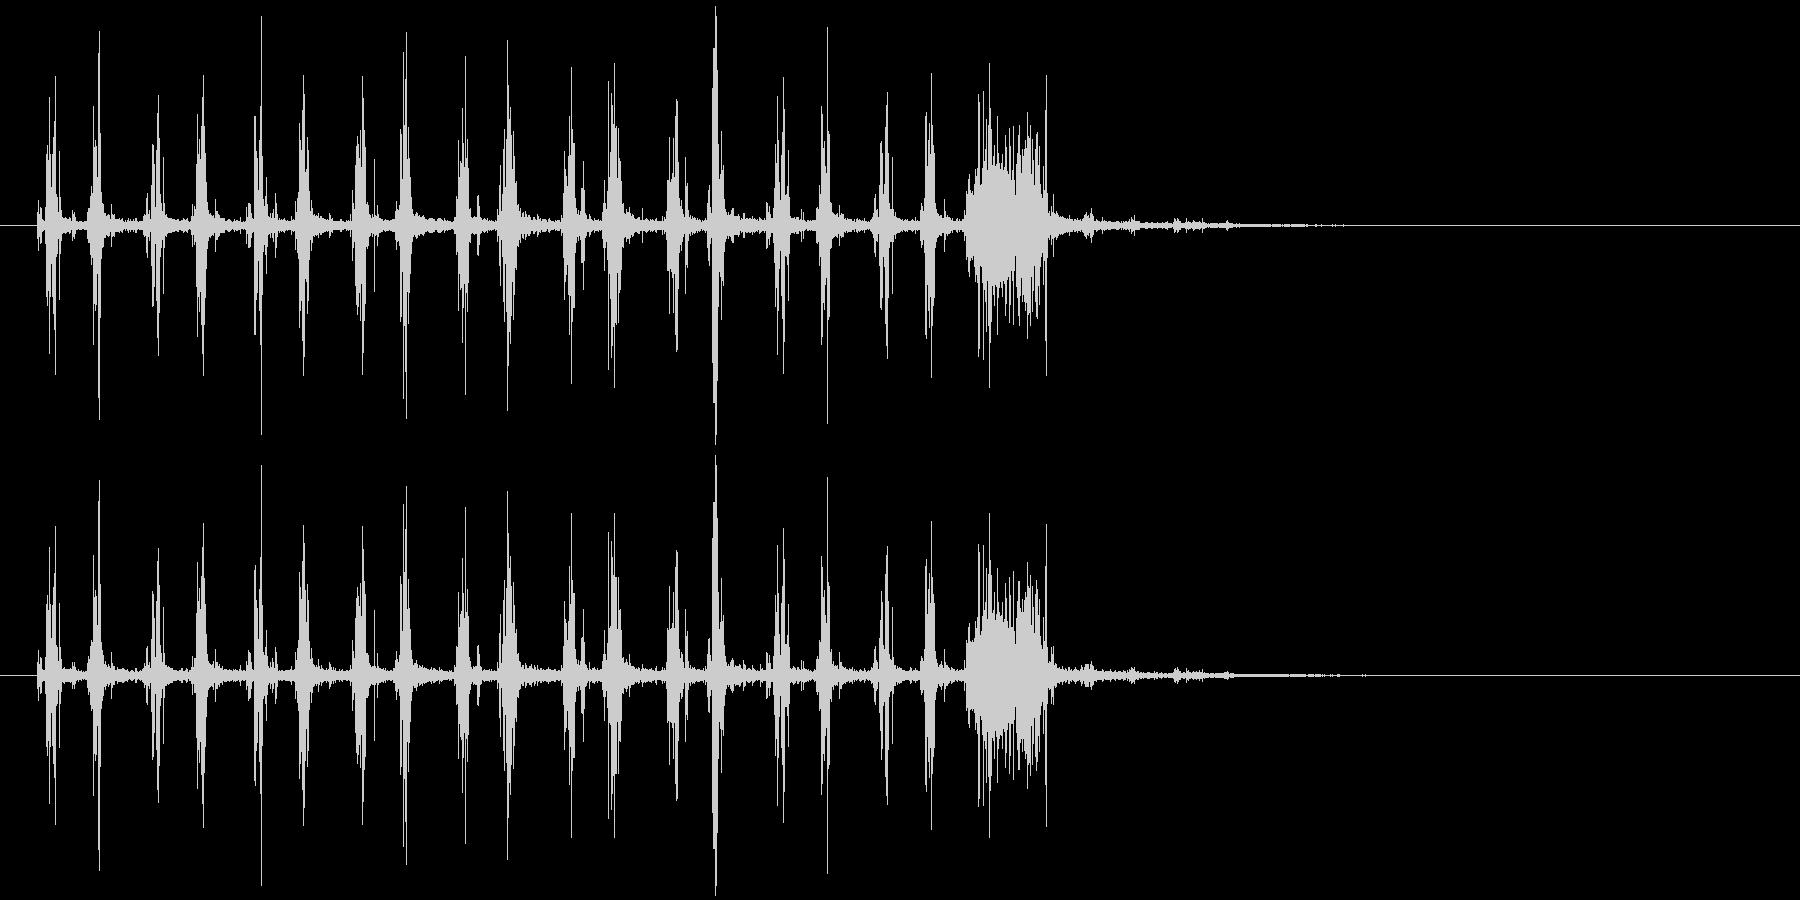 音侍SE「シャカシャカ〜」木製鳴子の音2の未再生の波形